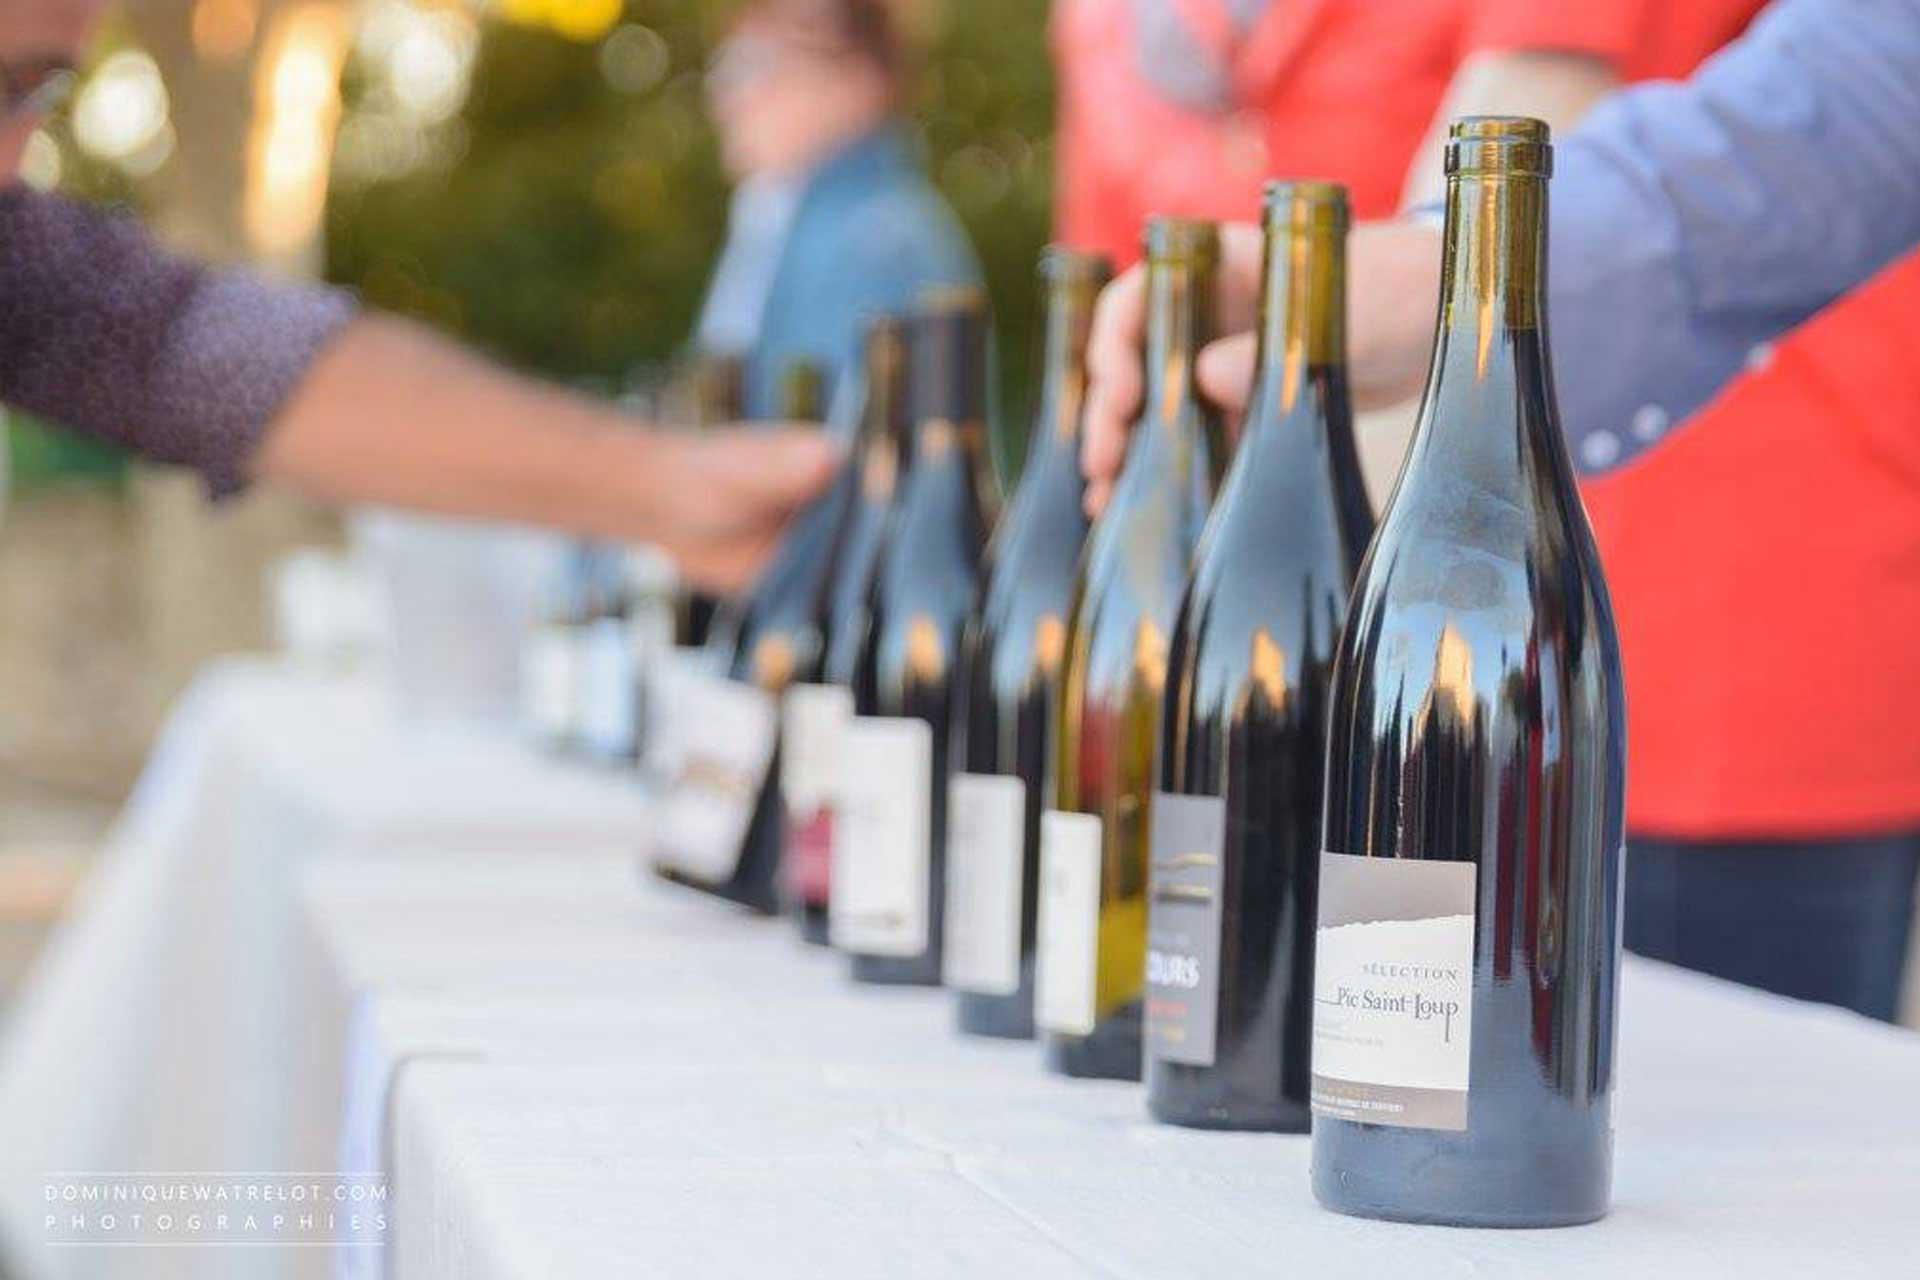 Les bouteilles de vins du Pic Saint Loup présents au festival du Festapic à Fontanès, dans l'Hérault (34)